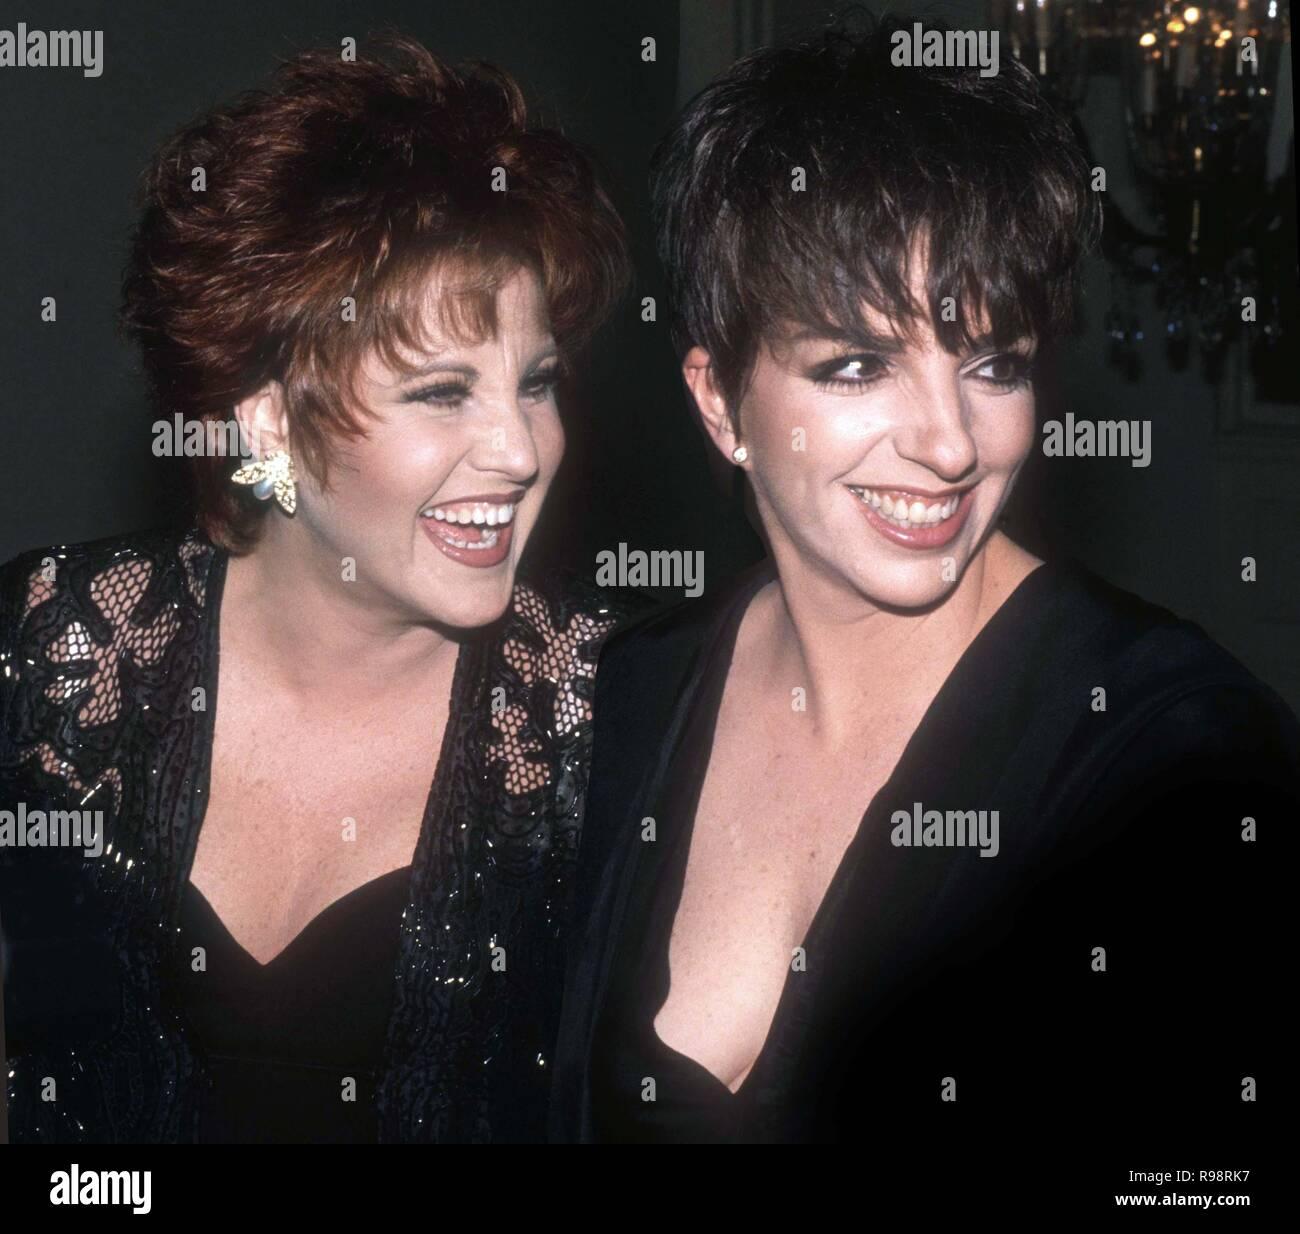 Liza Minnelli And Lorna Luft Stock Photos & Liza Minnelli